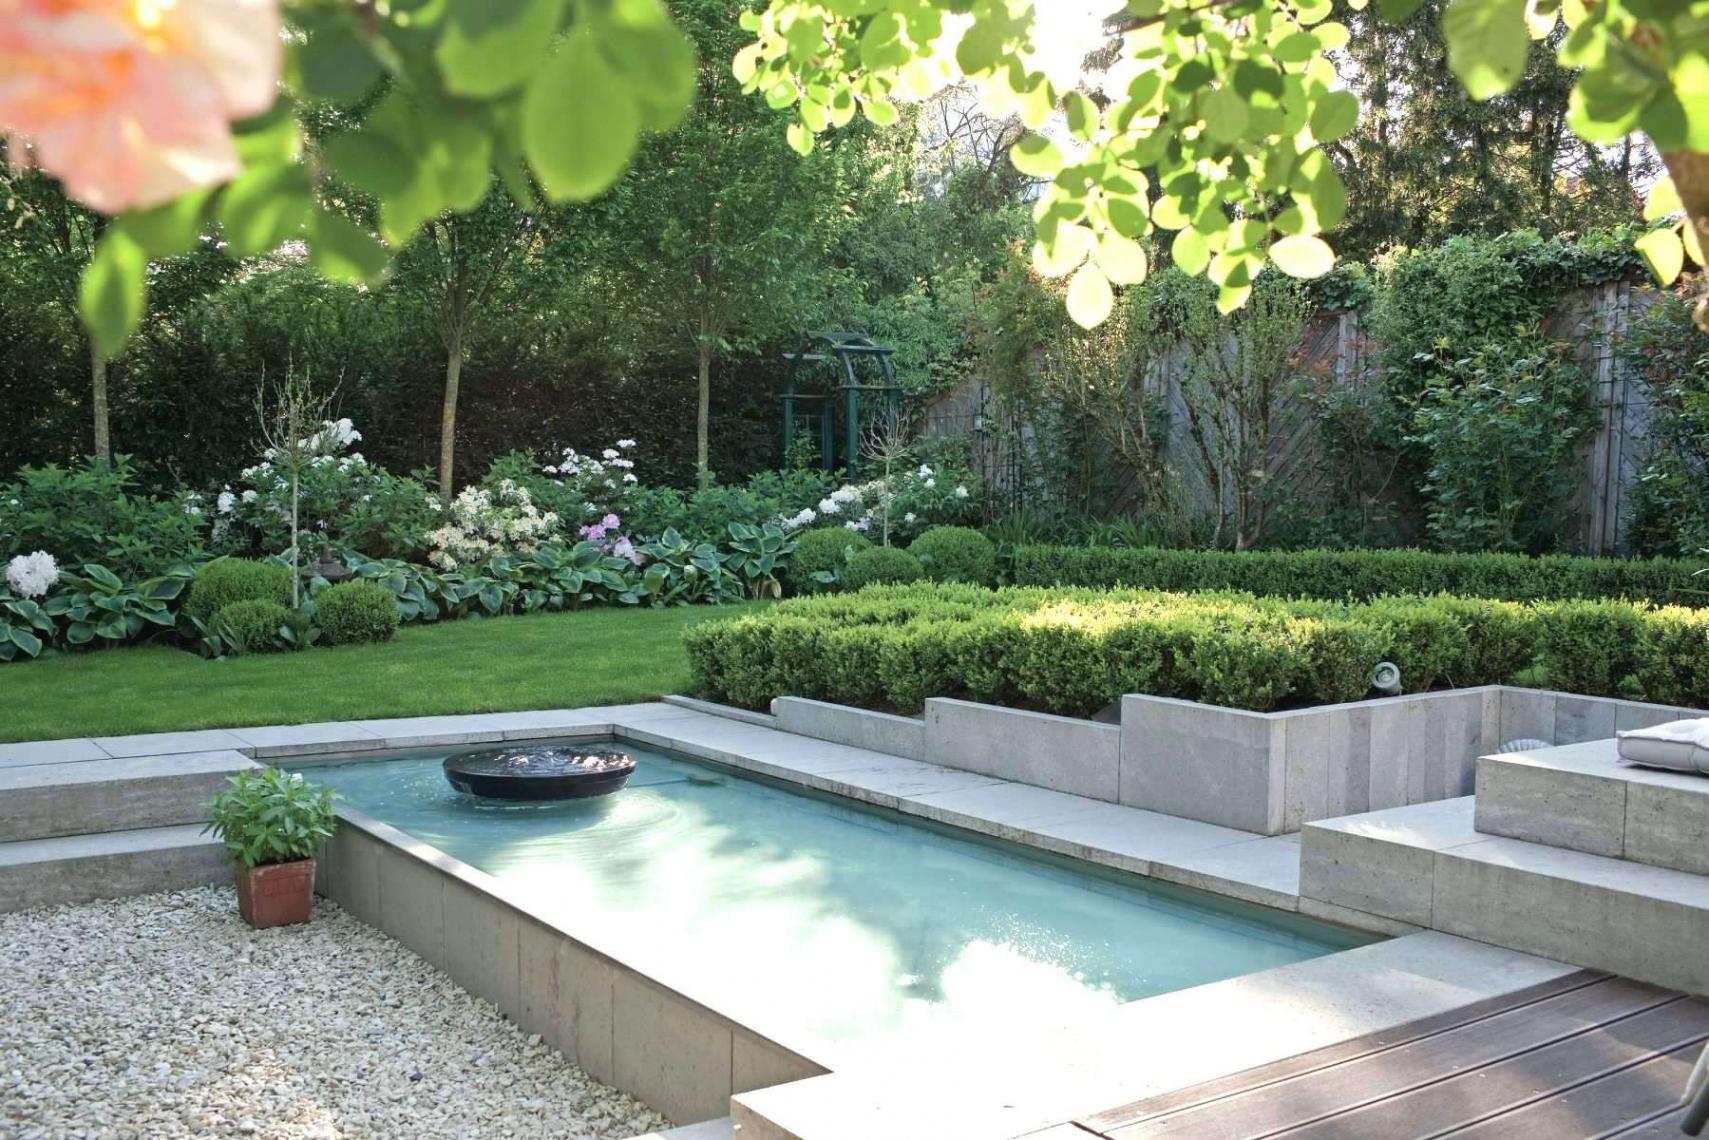 kleinen garten anlegen das beste von formaler reihenhausgarten 0d reihenhausgarten vorher nachher reihenhausgarten vorher nachher